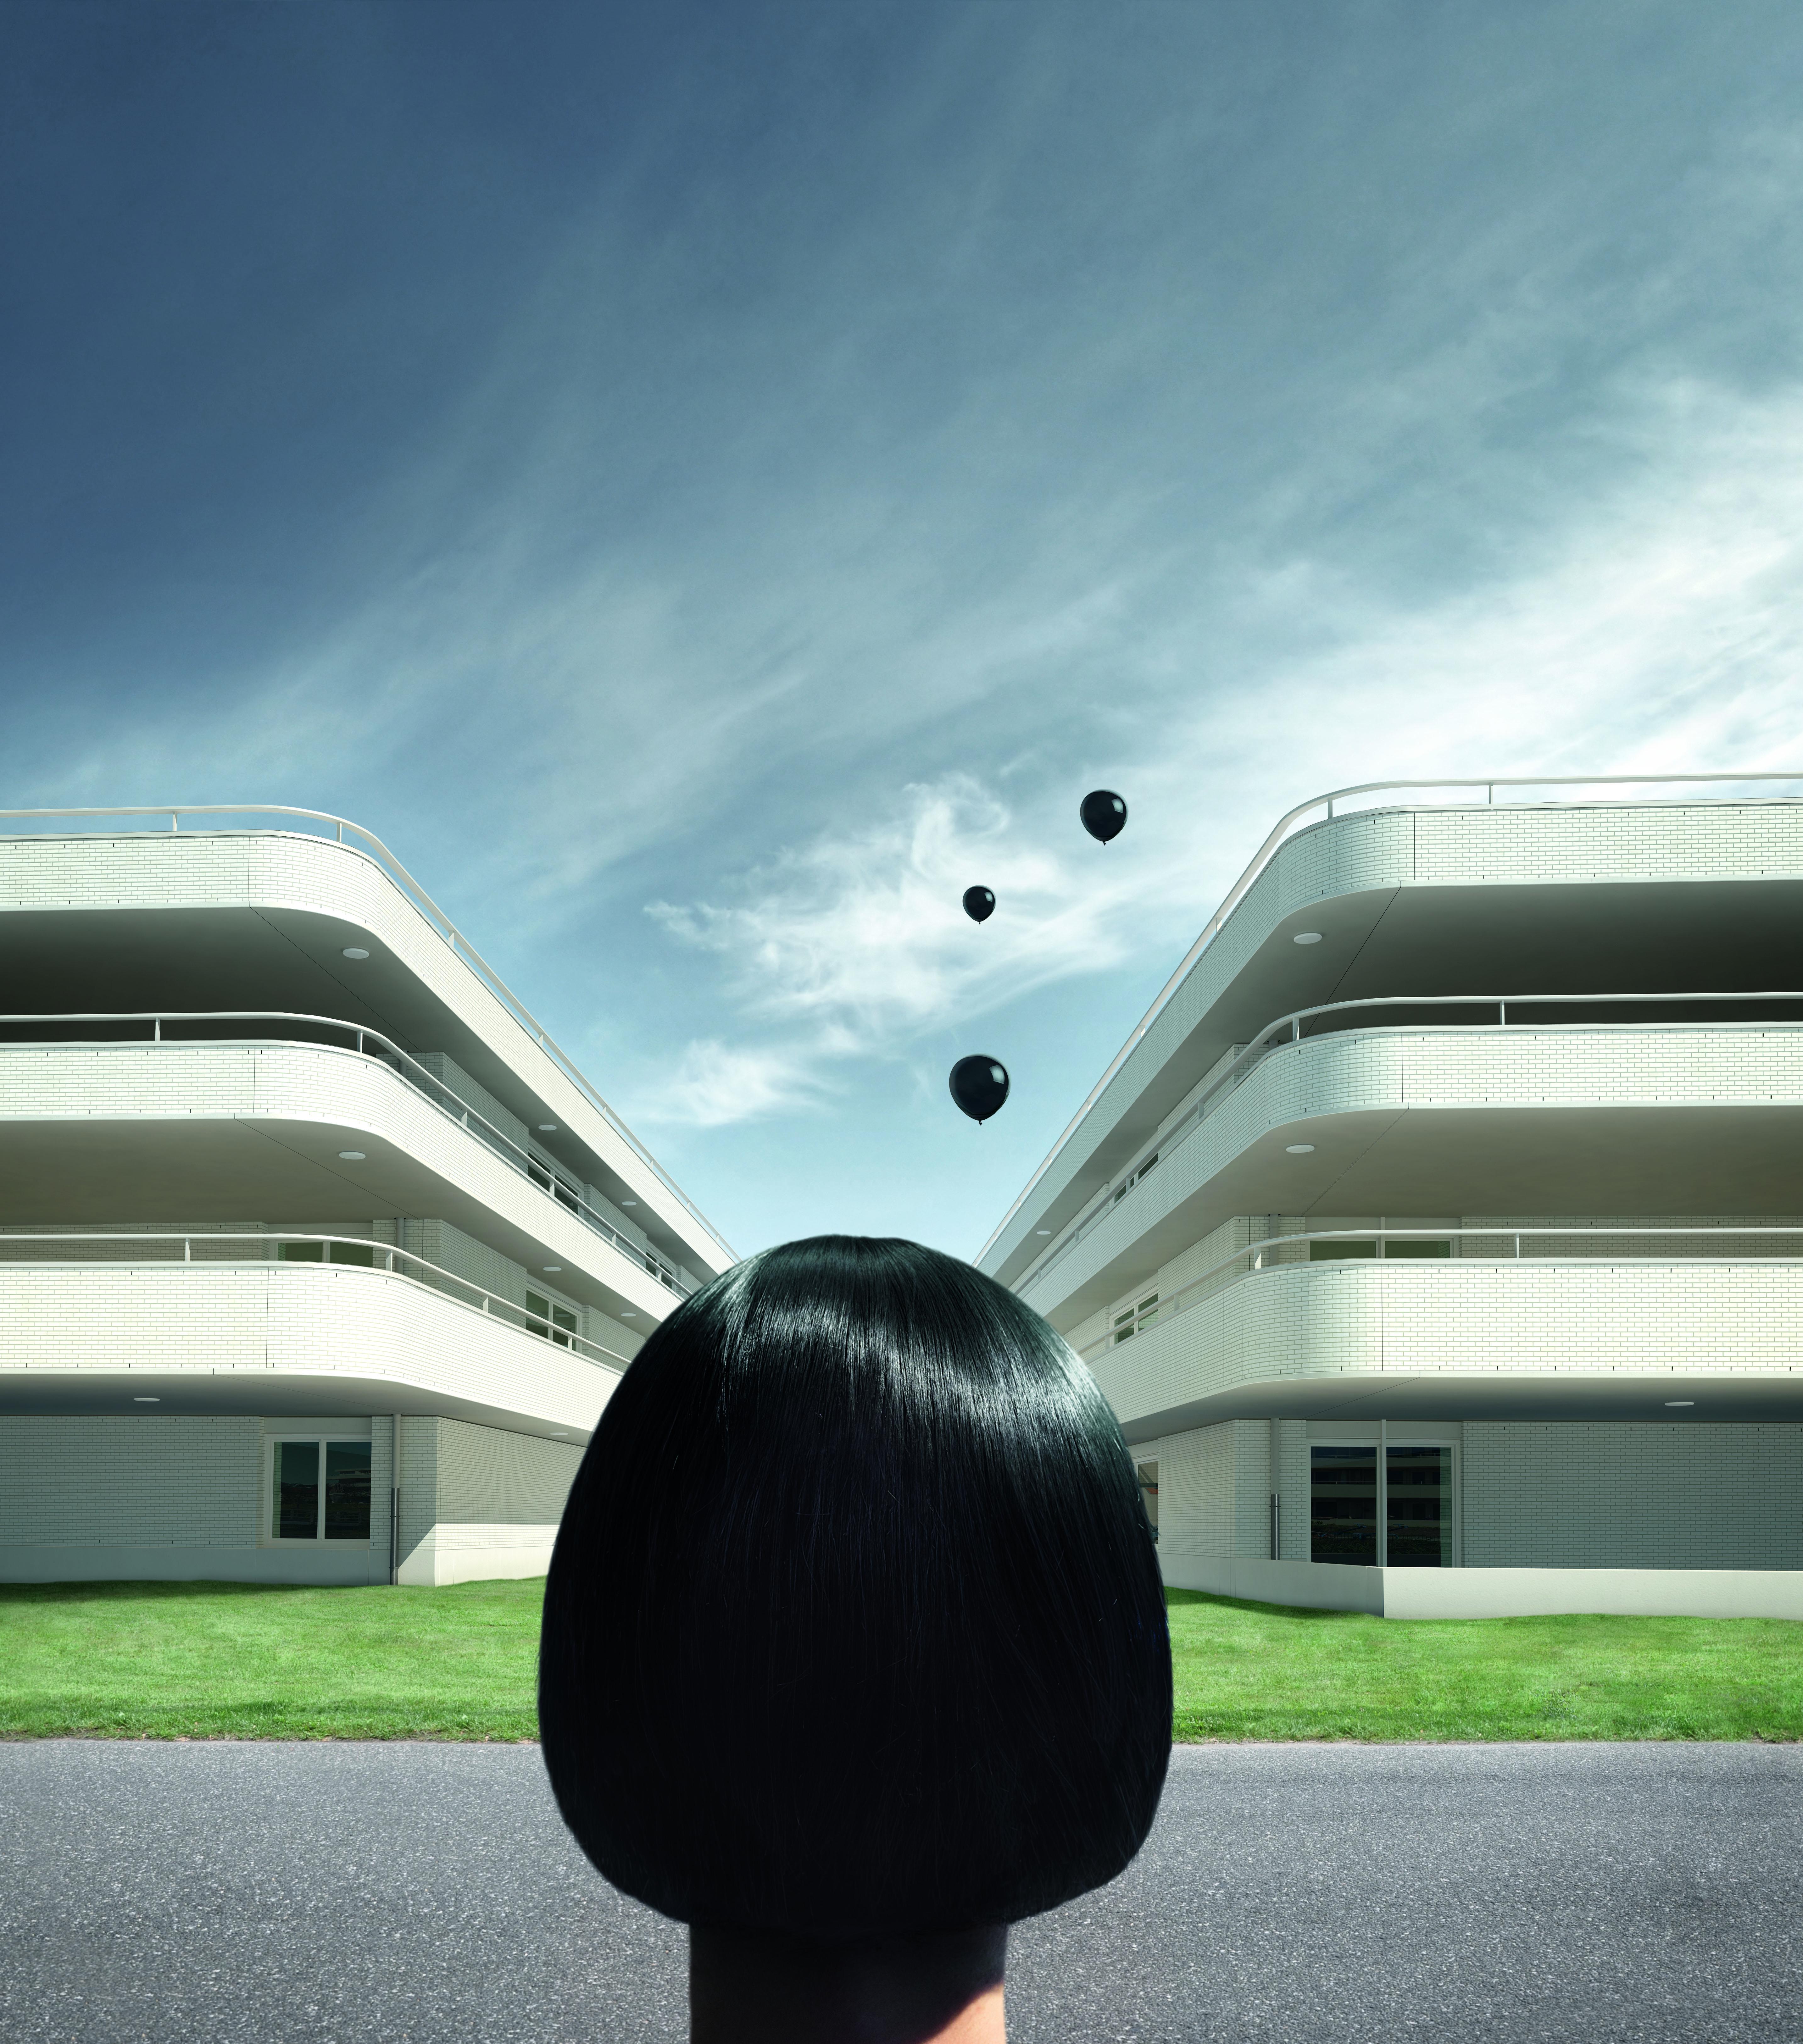 Surrealismus-Kampagne für Klinkerhersteller - 3D-Visualisierungen/CGI